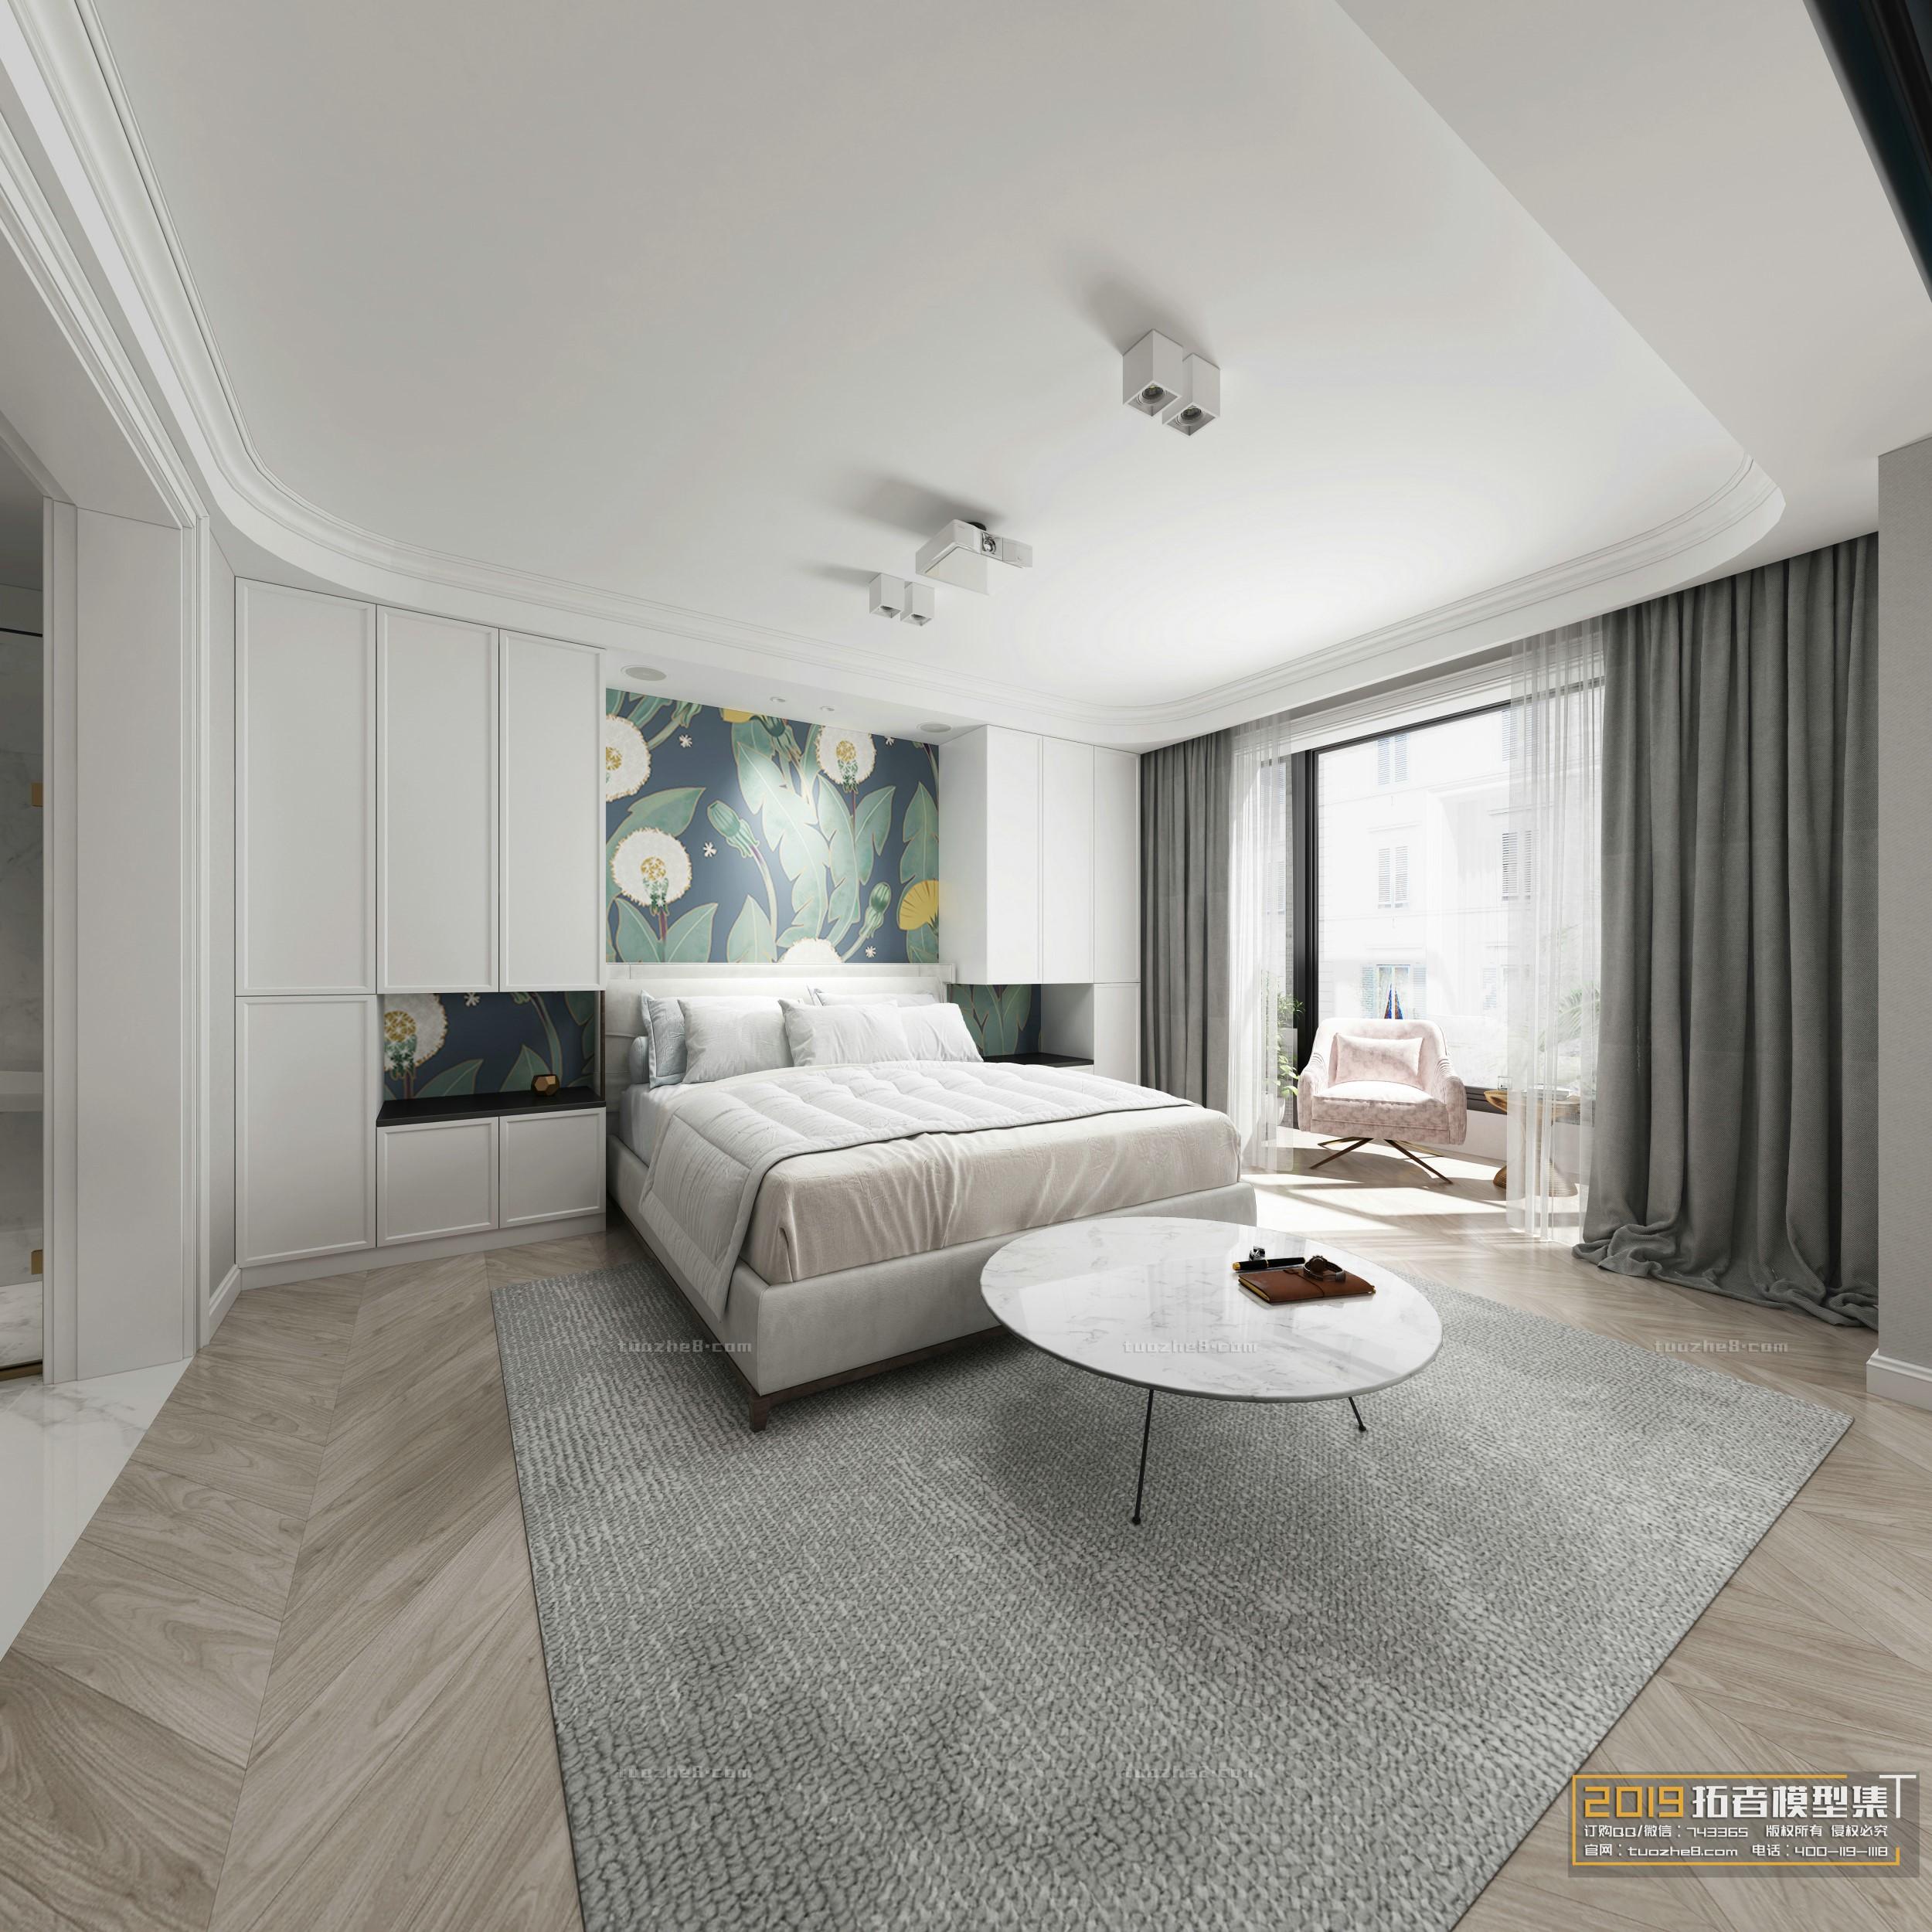 BEDROOM – NORDIC STYLE – No.011